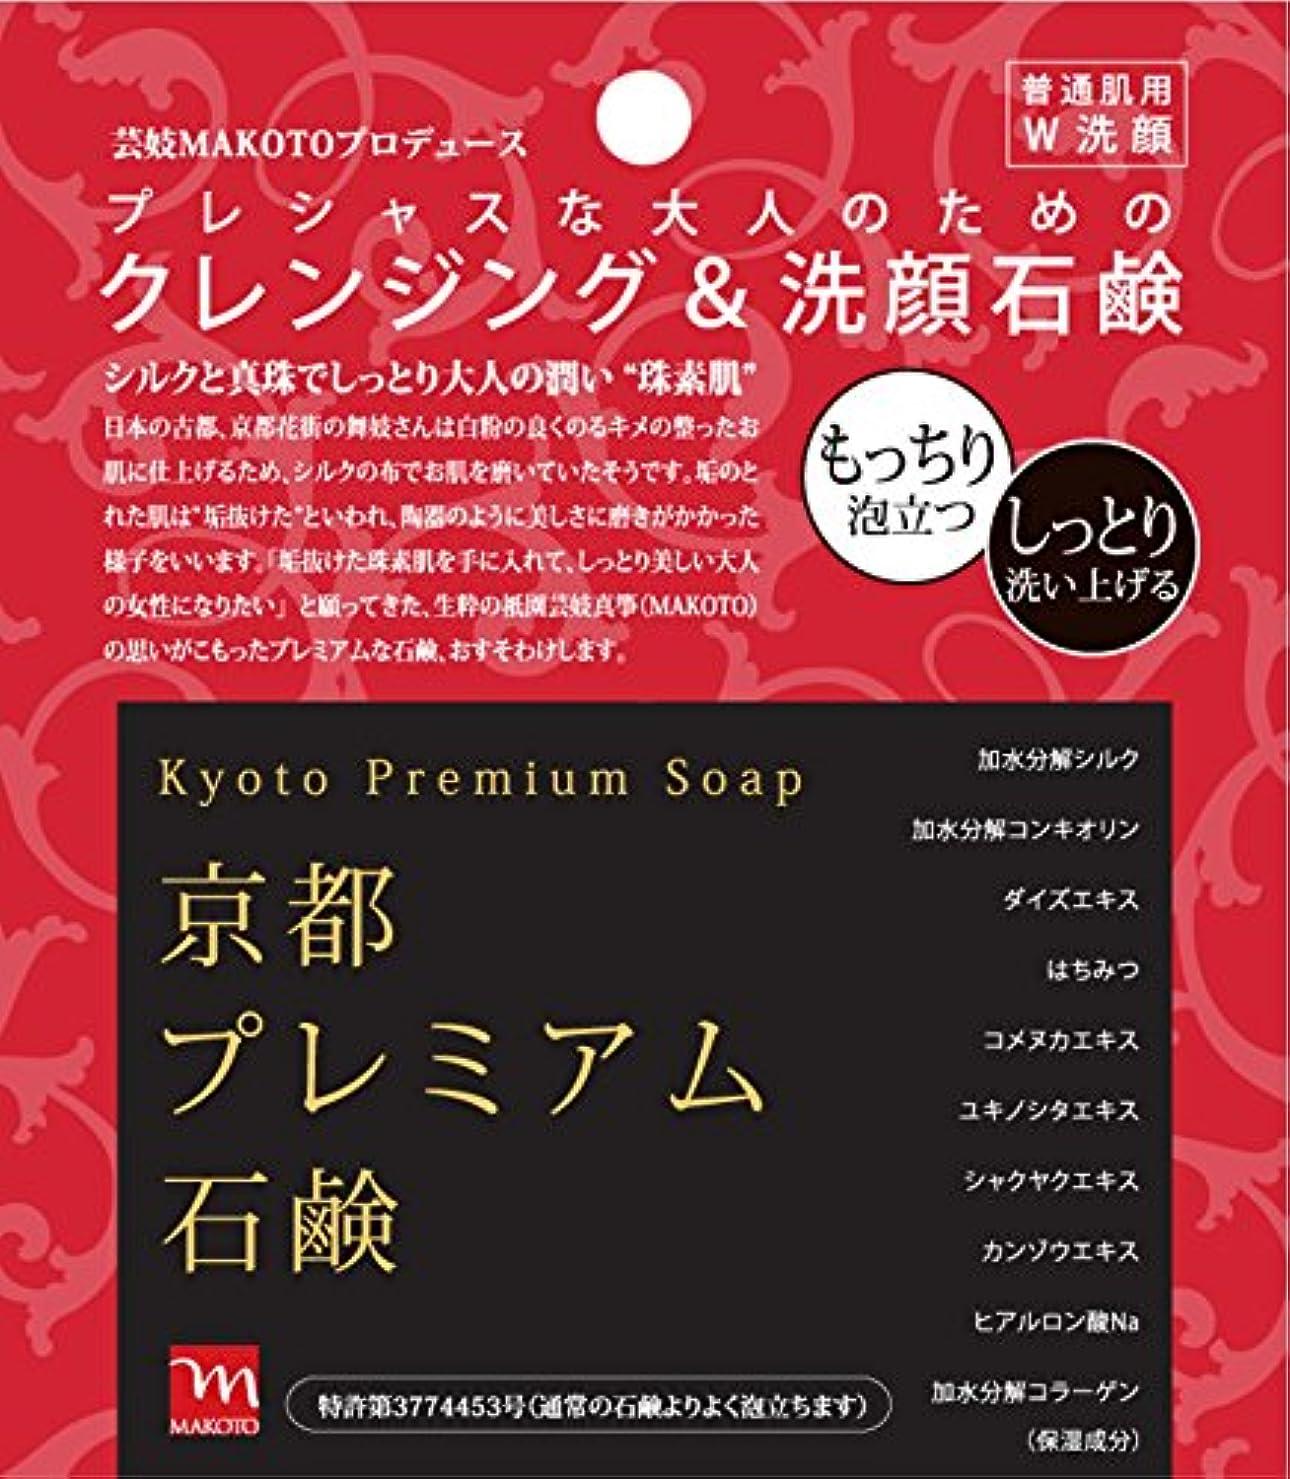 中級多分効率的に京都プレミアム石鹸 クレンジング&洗顔石鹸 しっとり もっちり 芸妓さん監修